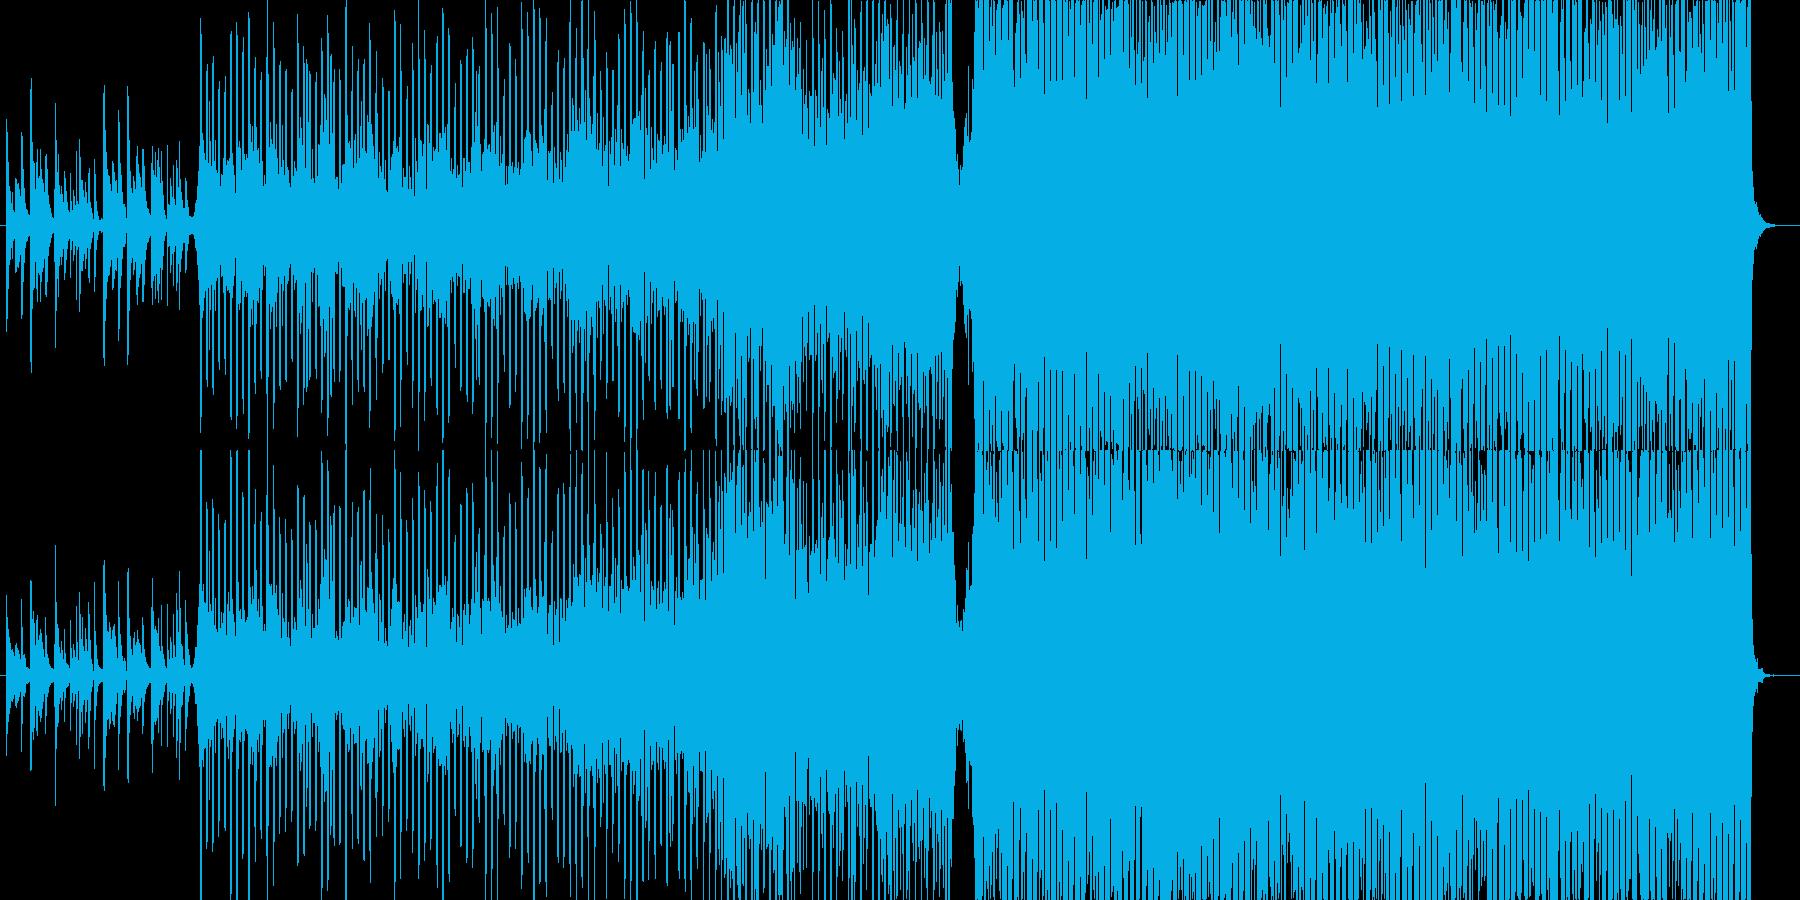 ピアノから始まる幻想的な哀愁テクノポップの再生済みの波形